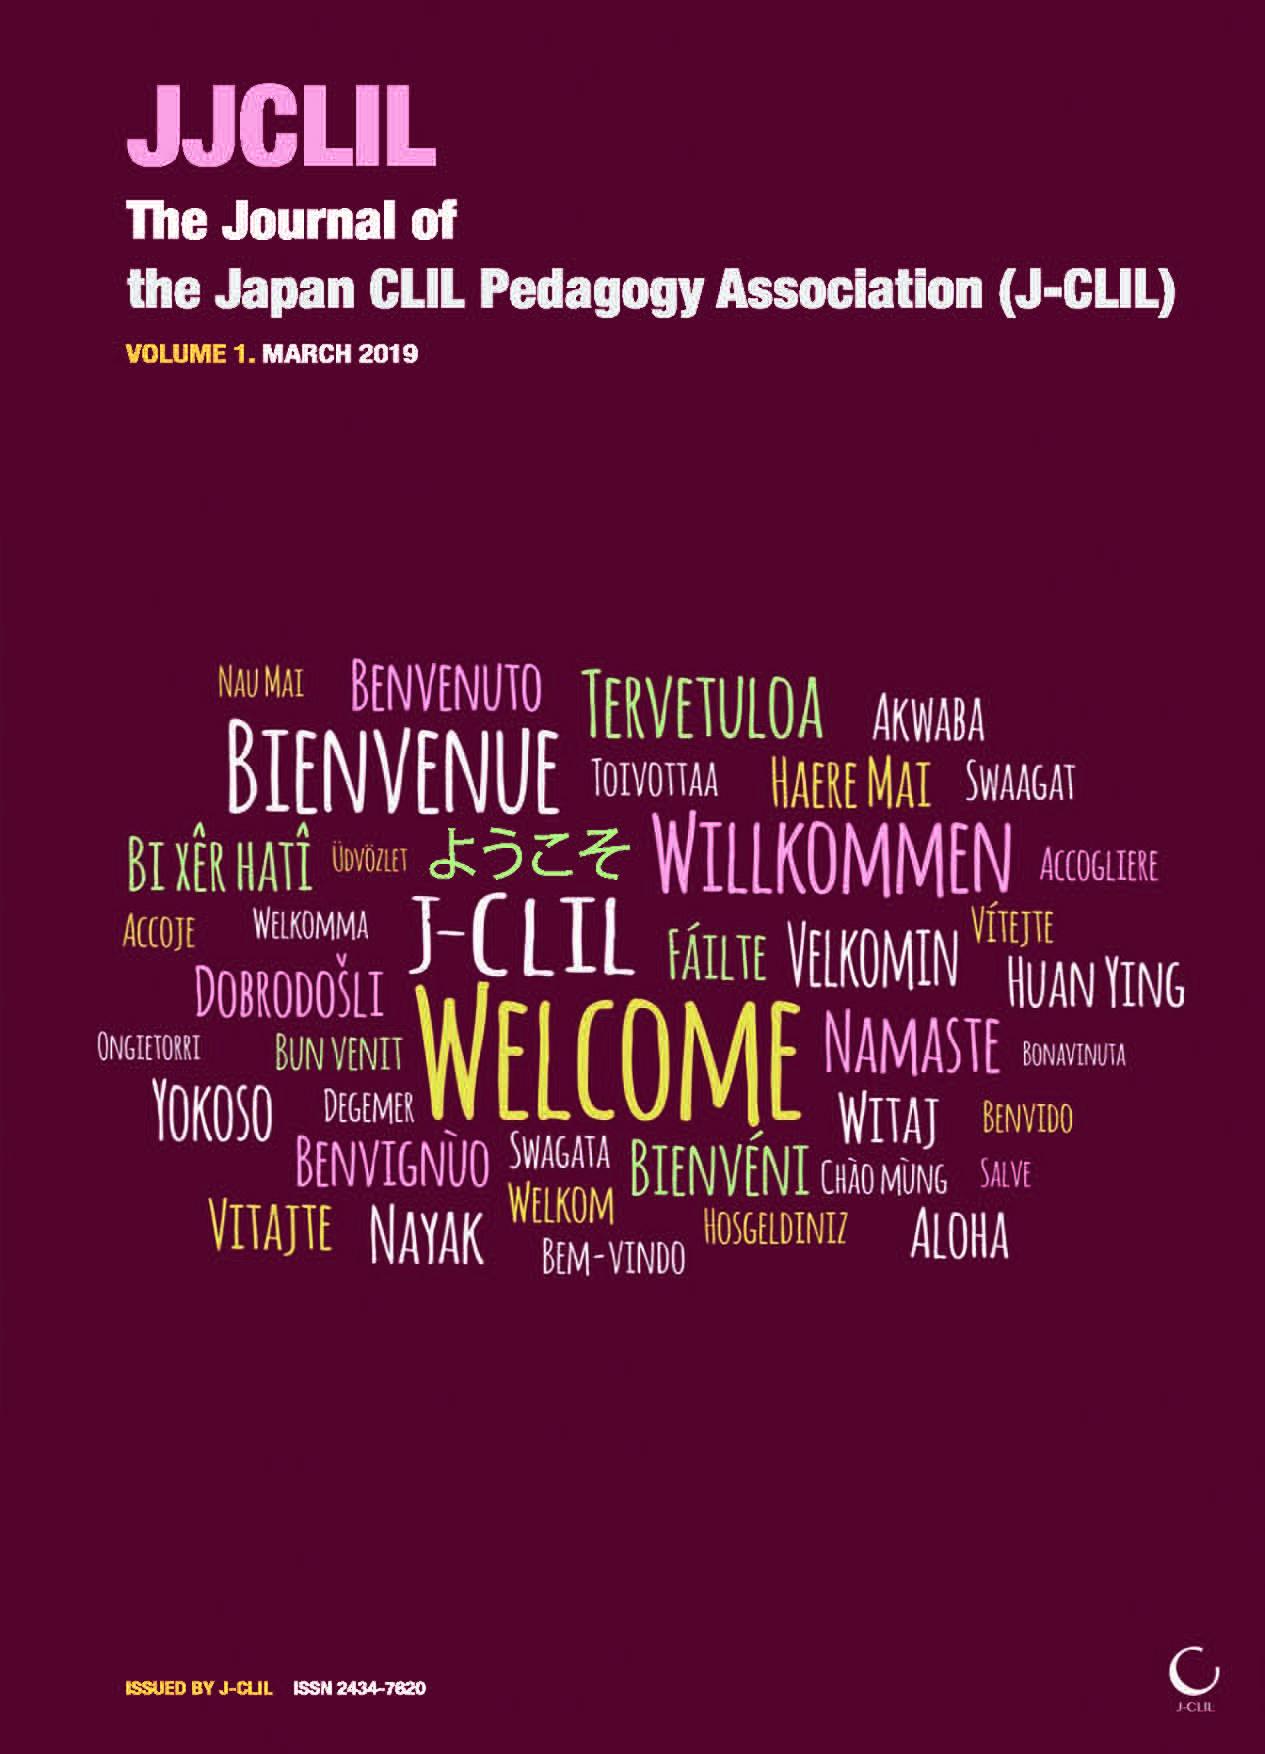 J-CLILジャーナル(JJCLIL) 第1号